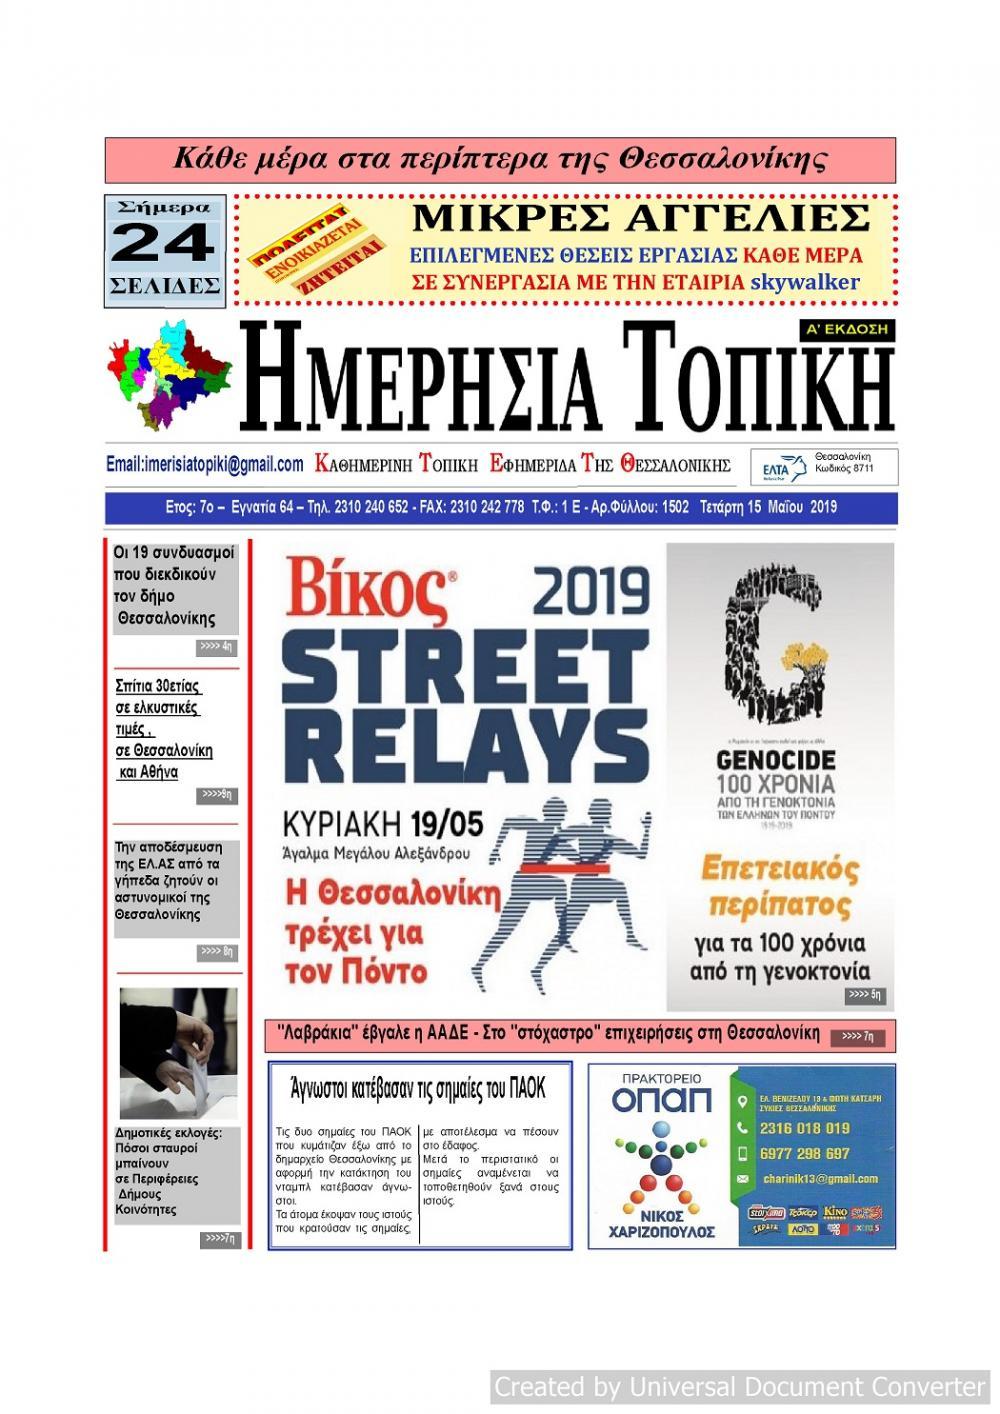 Πρωτοσέλιδο εφημερίδας Ημερήσια Τοπική